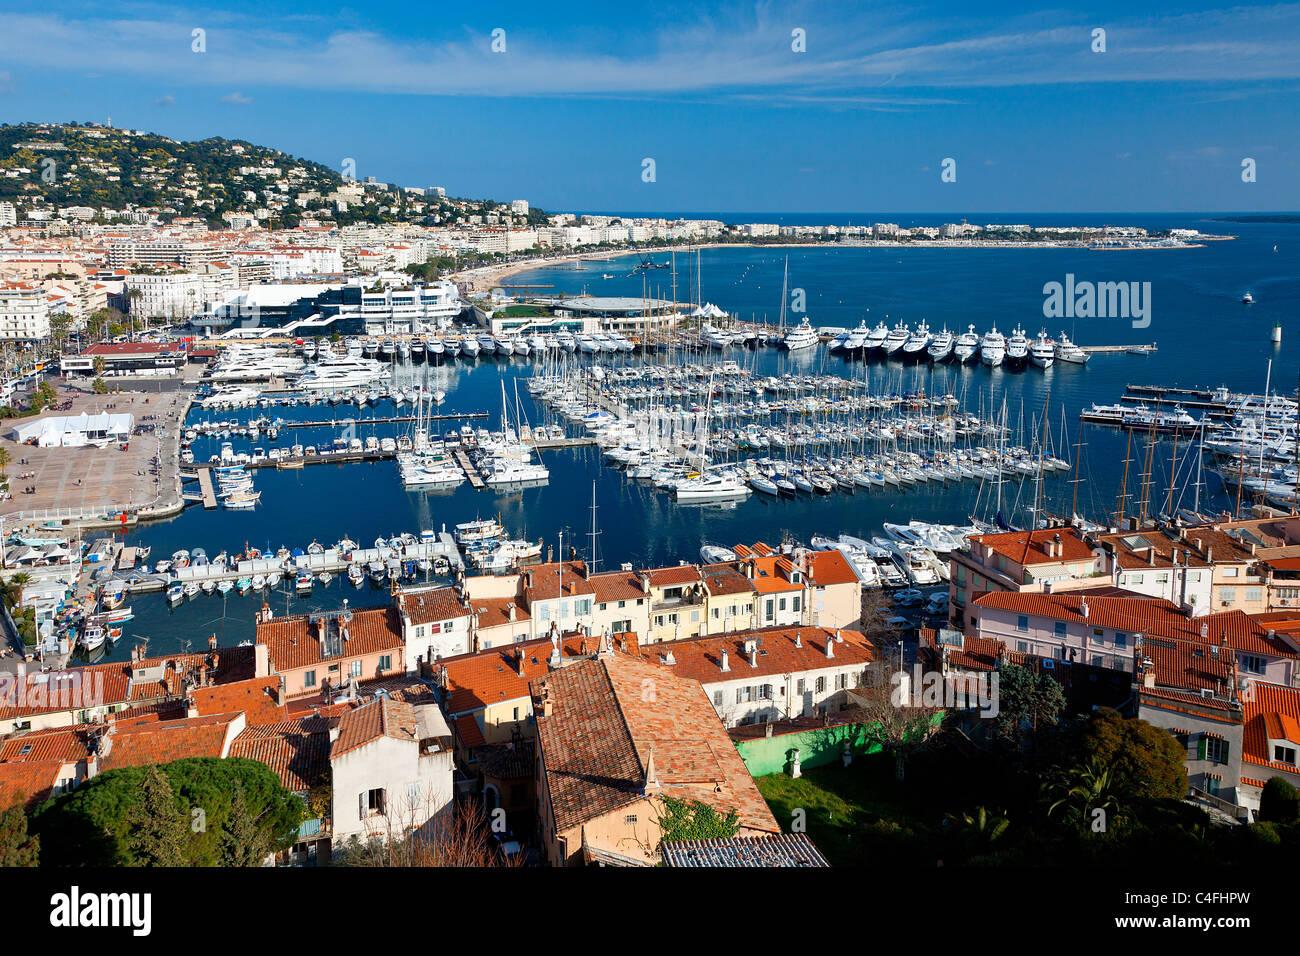 Cote d'Azur, Cannes Harbor - Stock Image